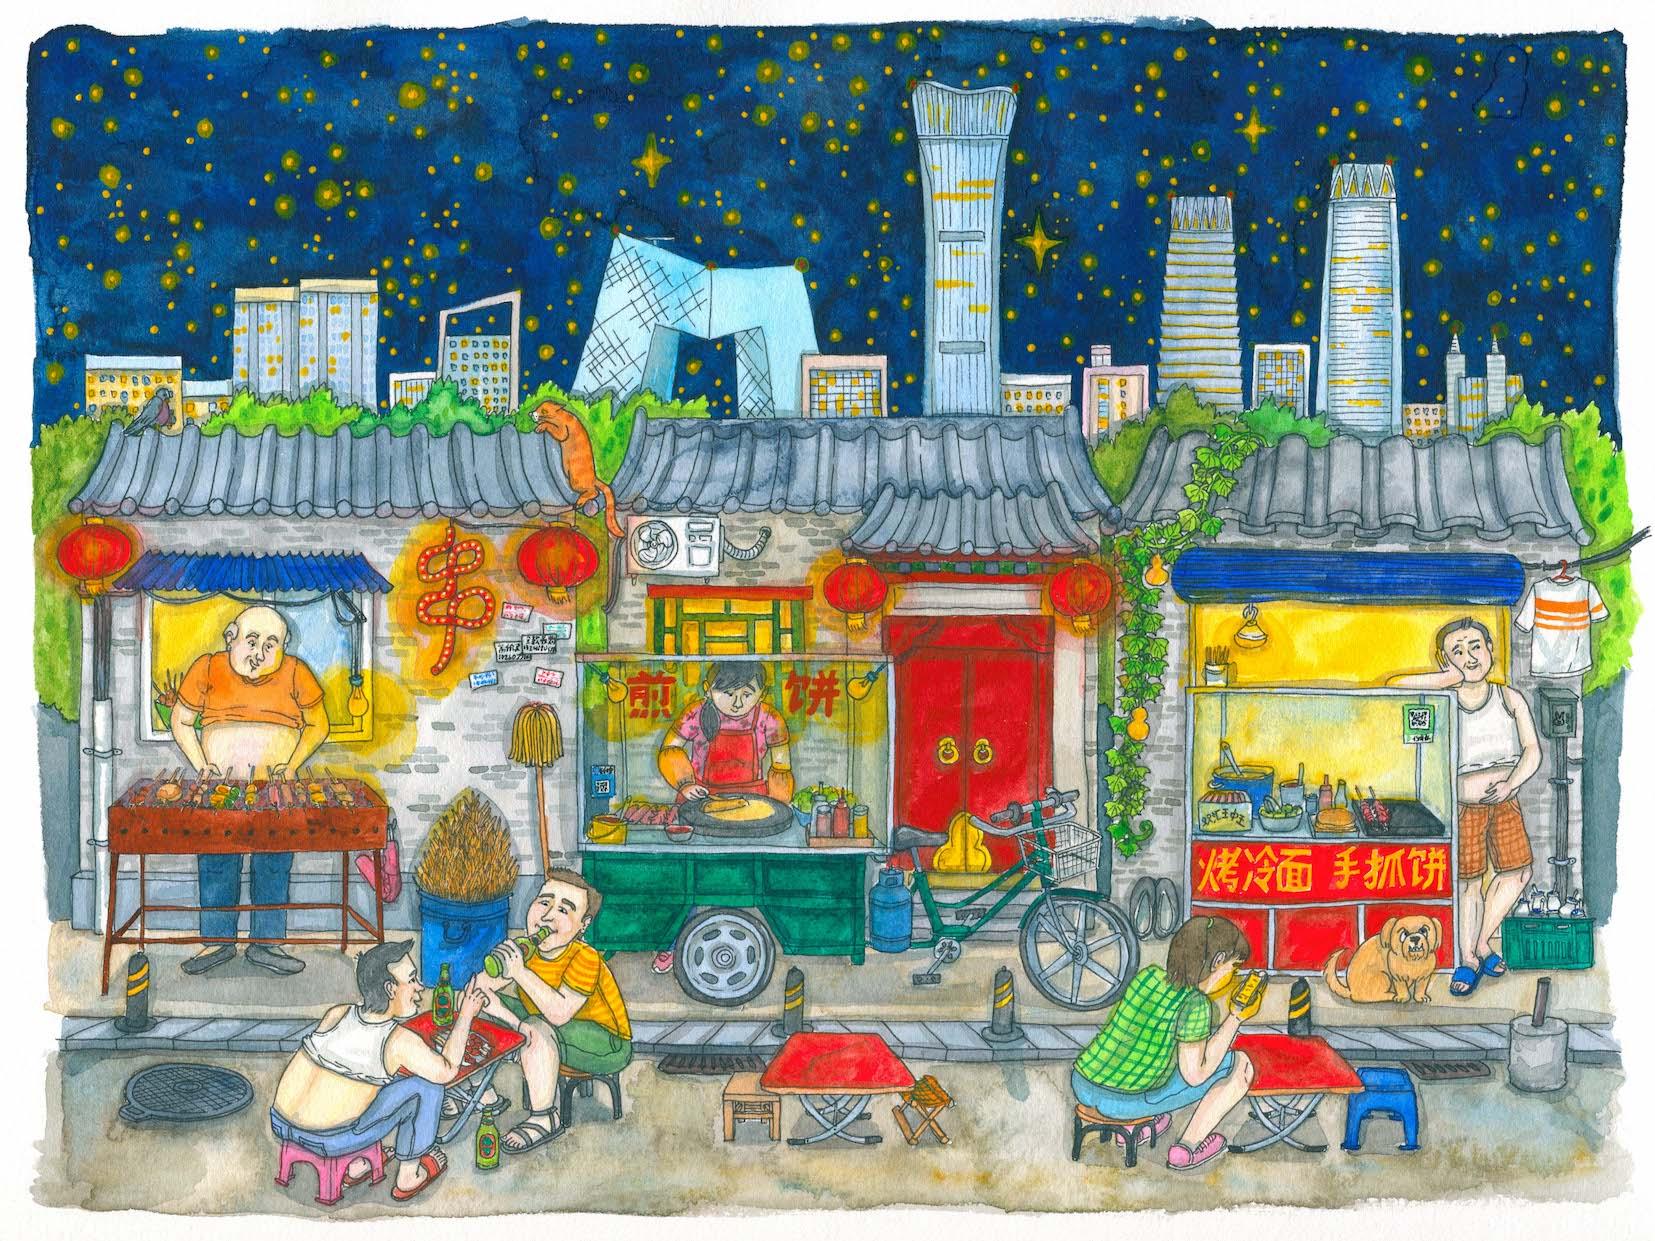 Jianbing Chuan Liuba Draws